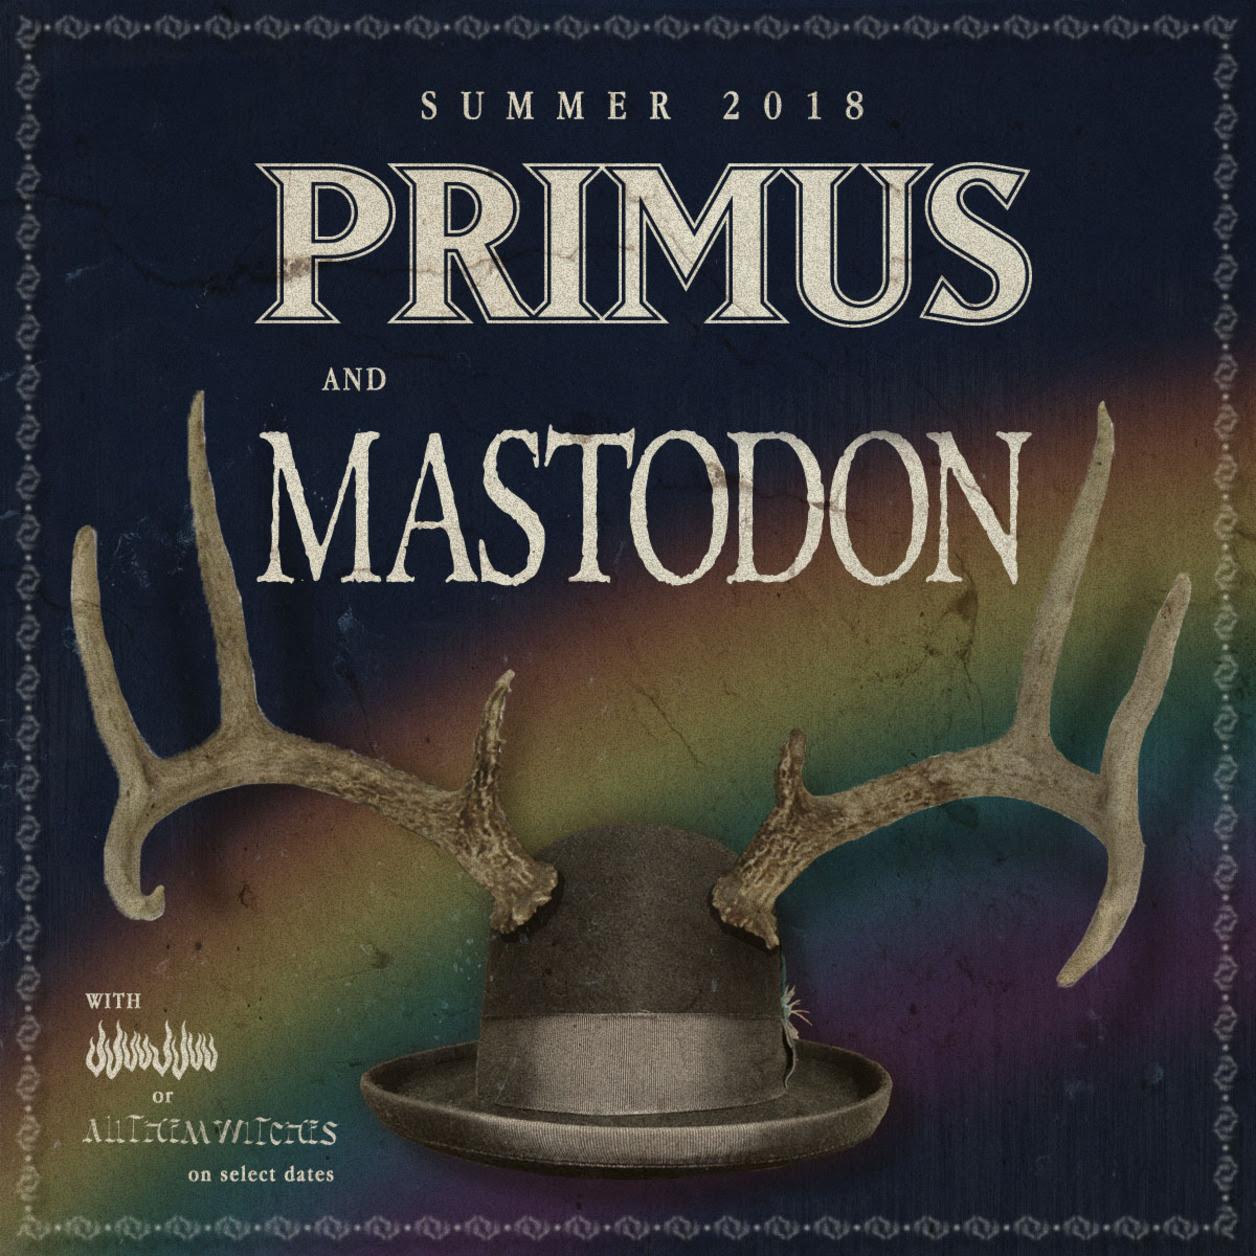 Primus Mastodon Tour FLyer